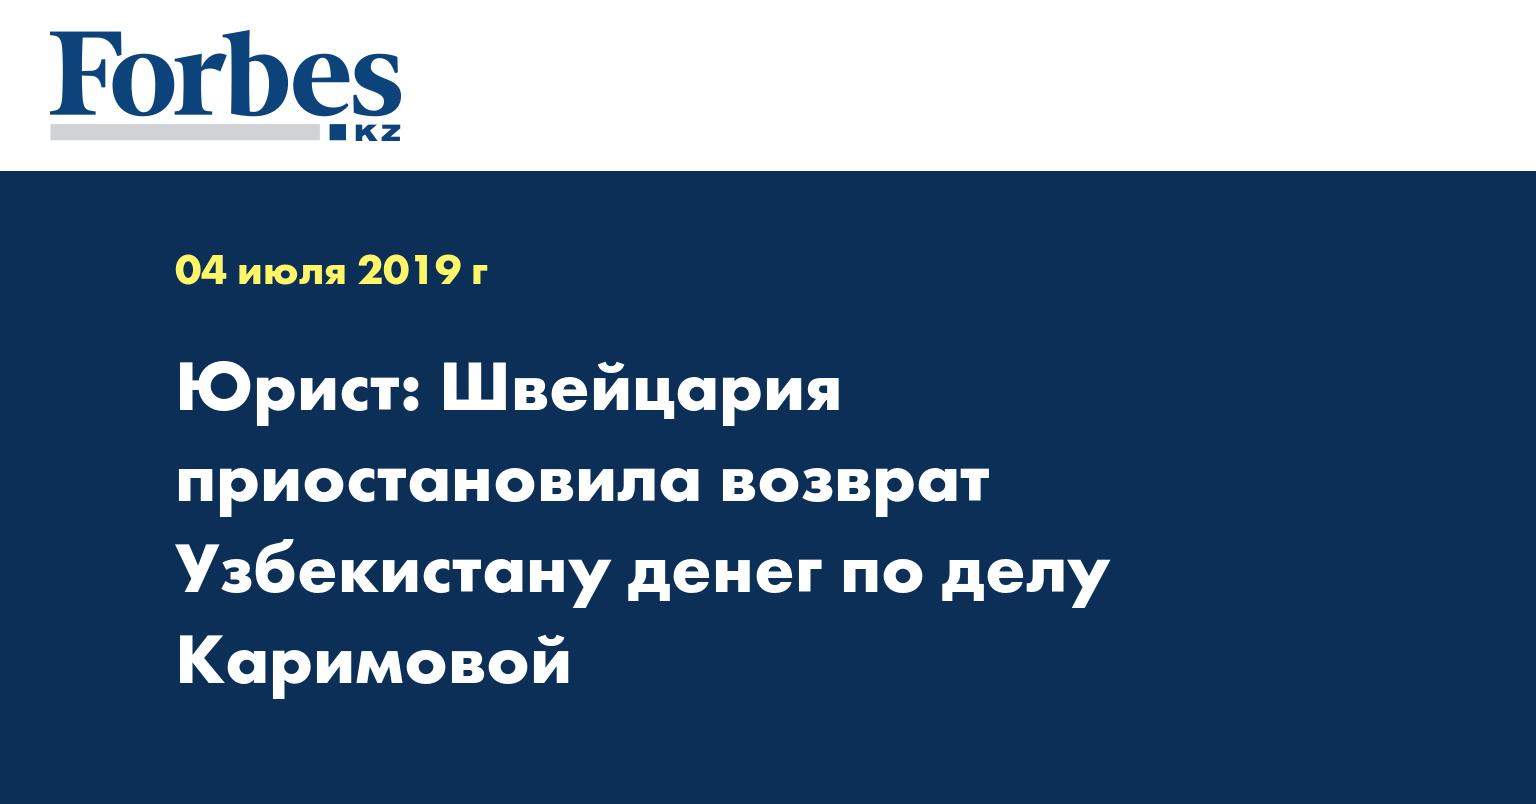 Юрист: Швейцария приостановила возврат Узбекистану денег по делу Каримовой